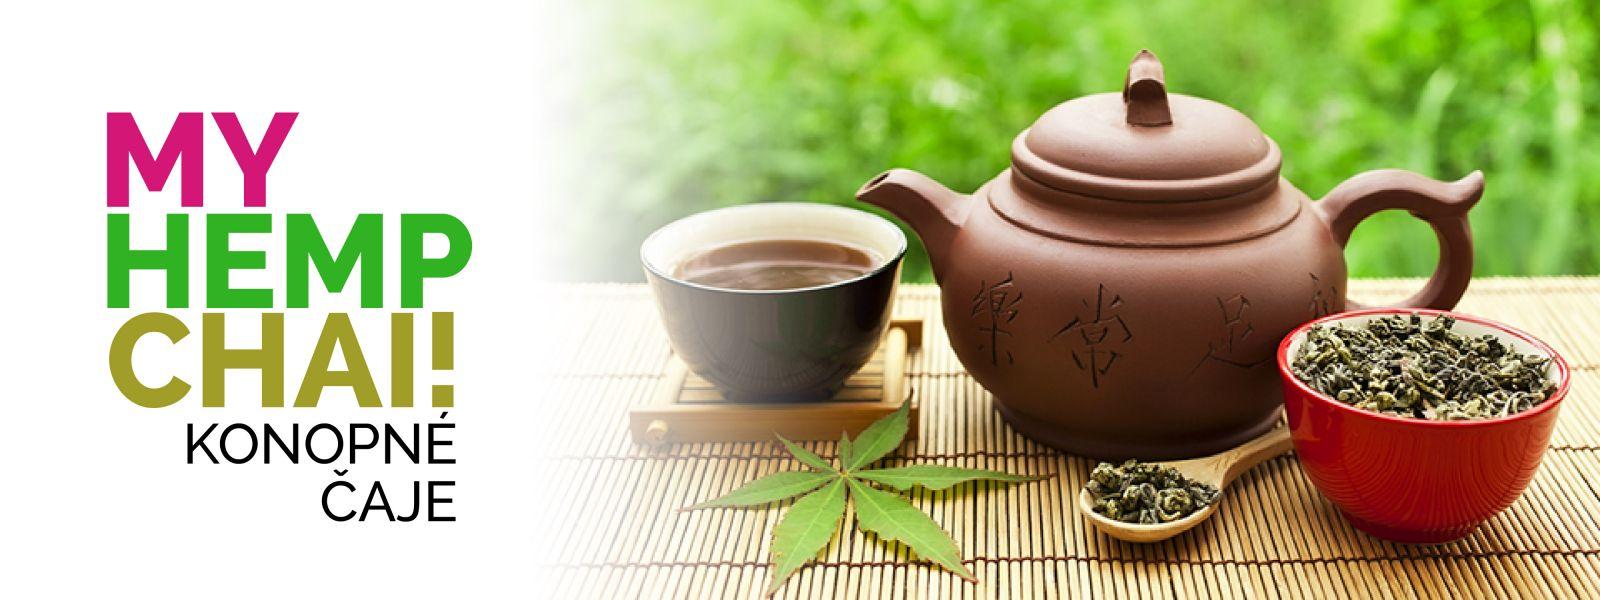 Konopný čaj MY HEMP CHAI!